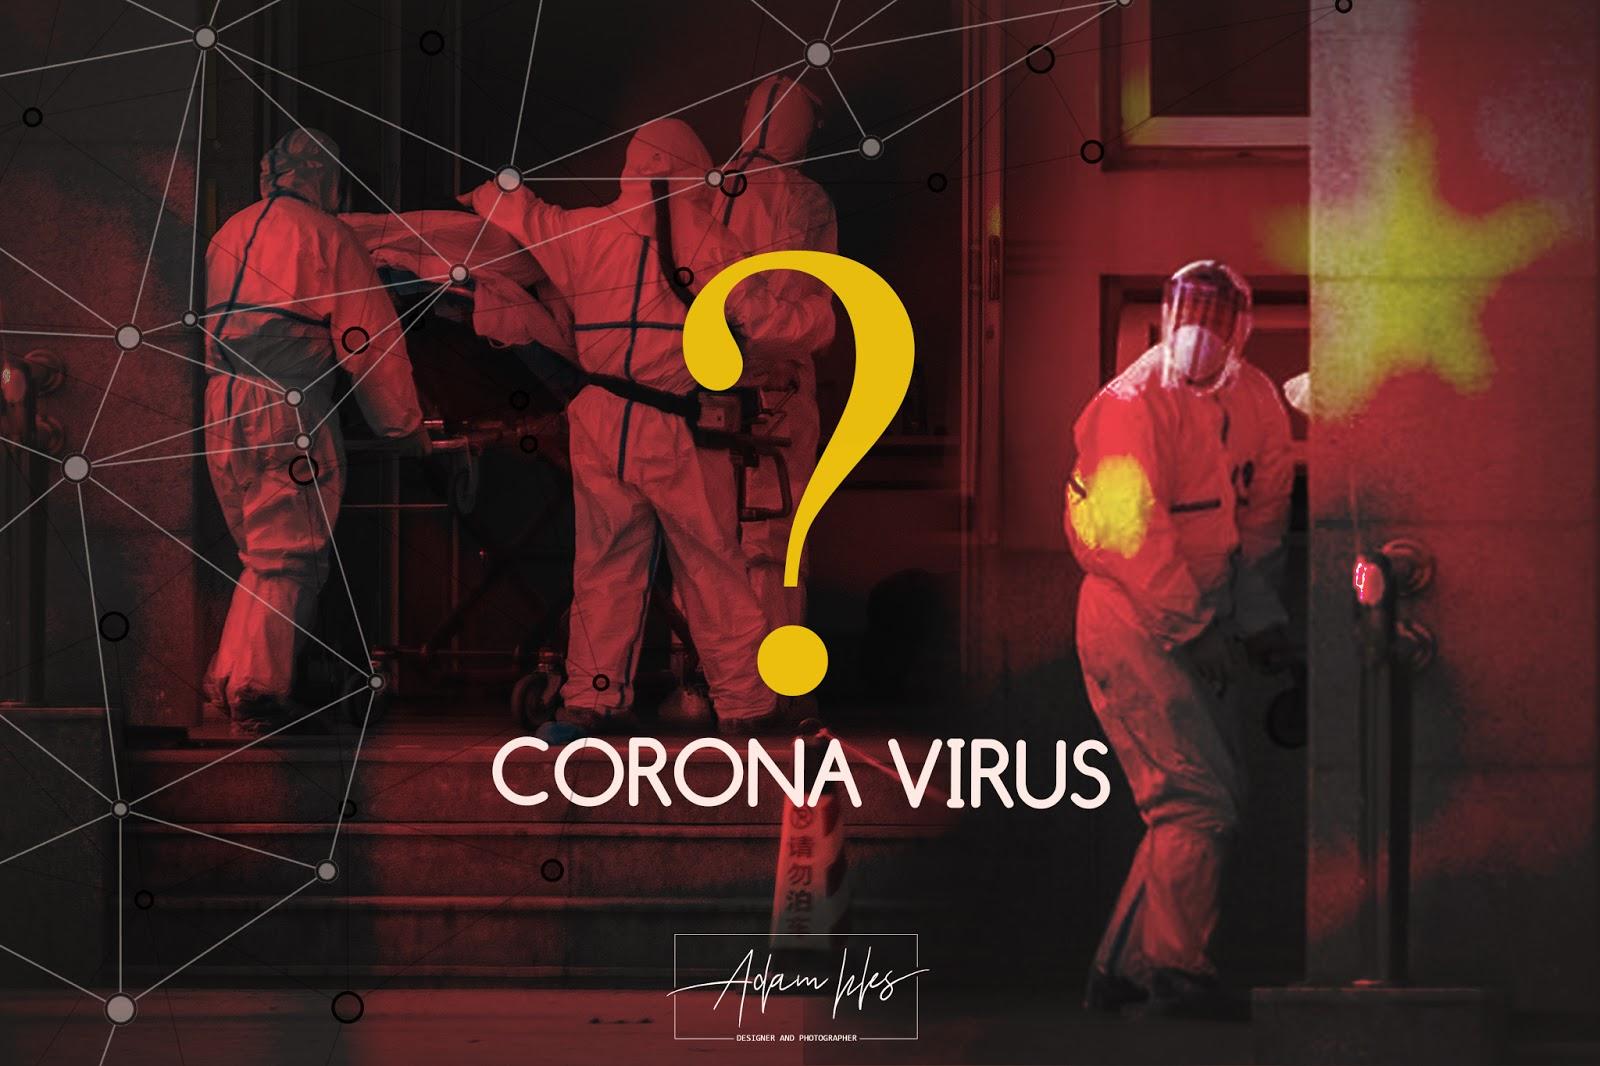 Virus Wuhan